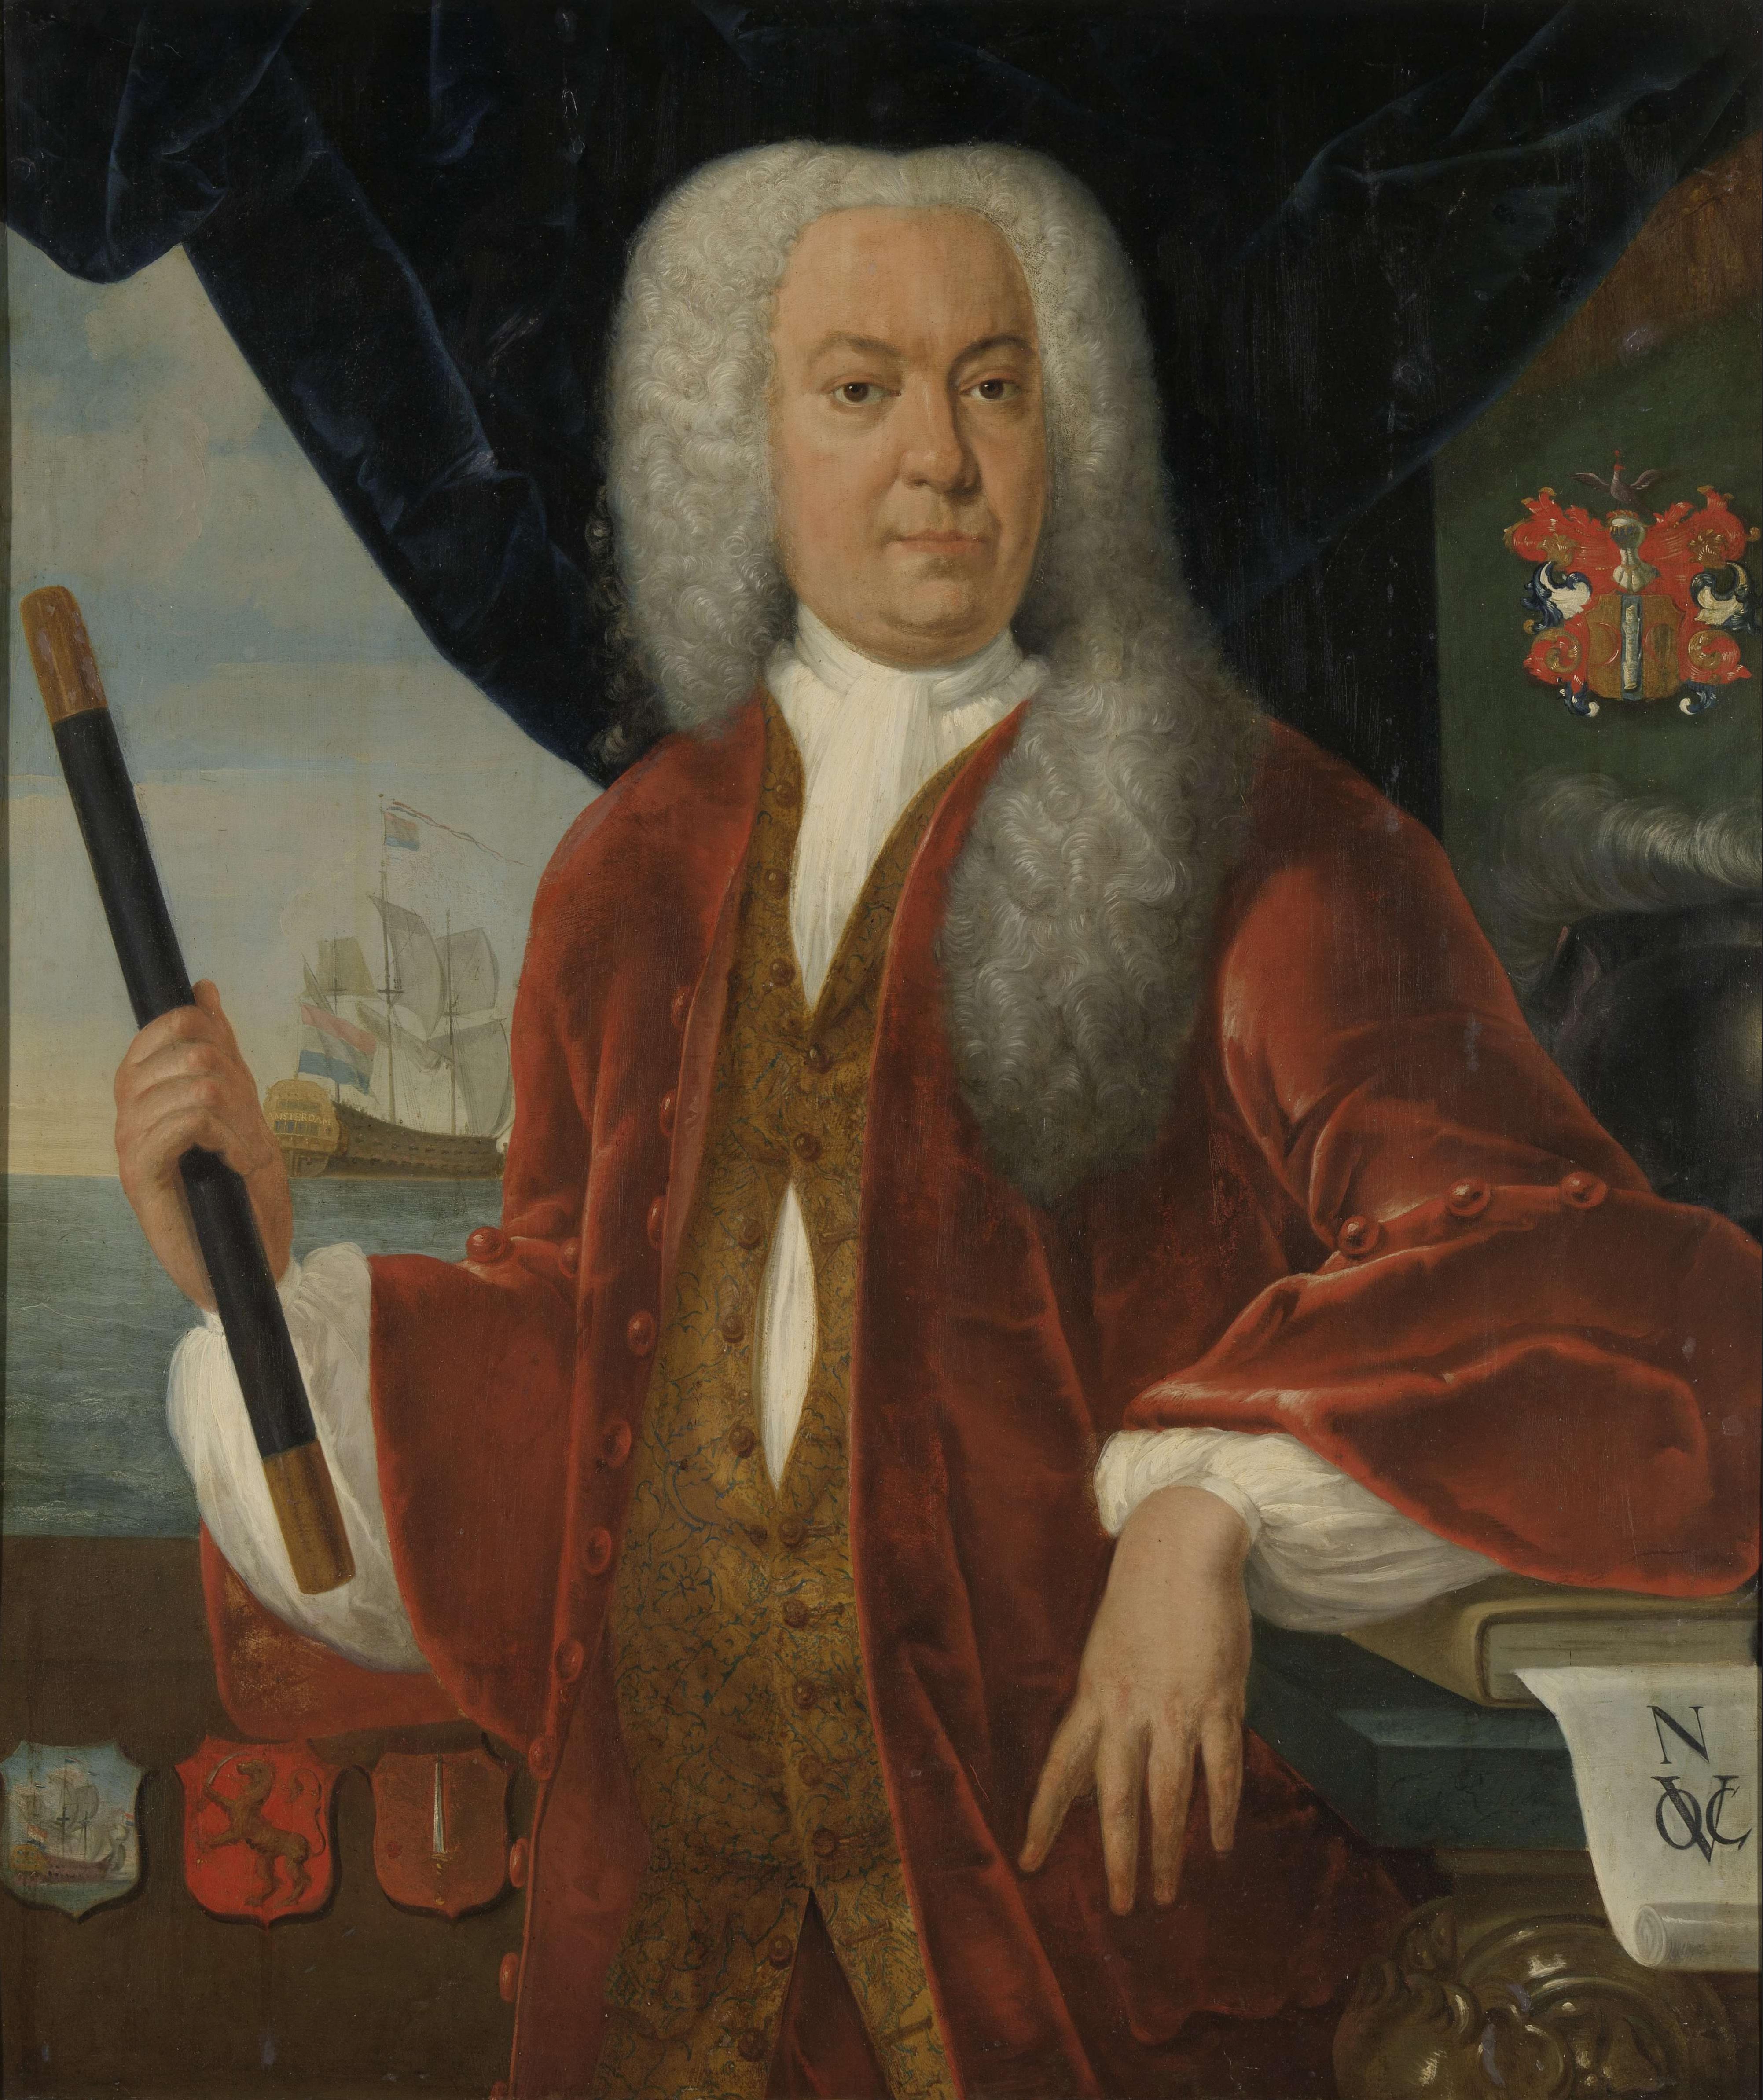 File:Adriaan Valckenier (1695-1751) by T.J. Rheen.jpg